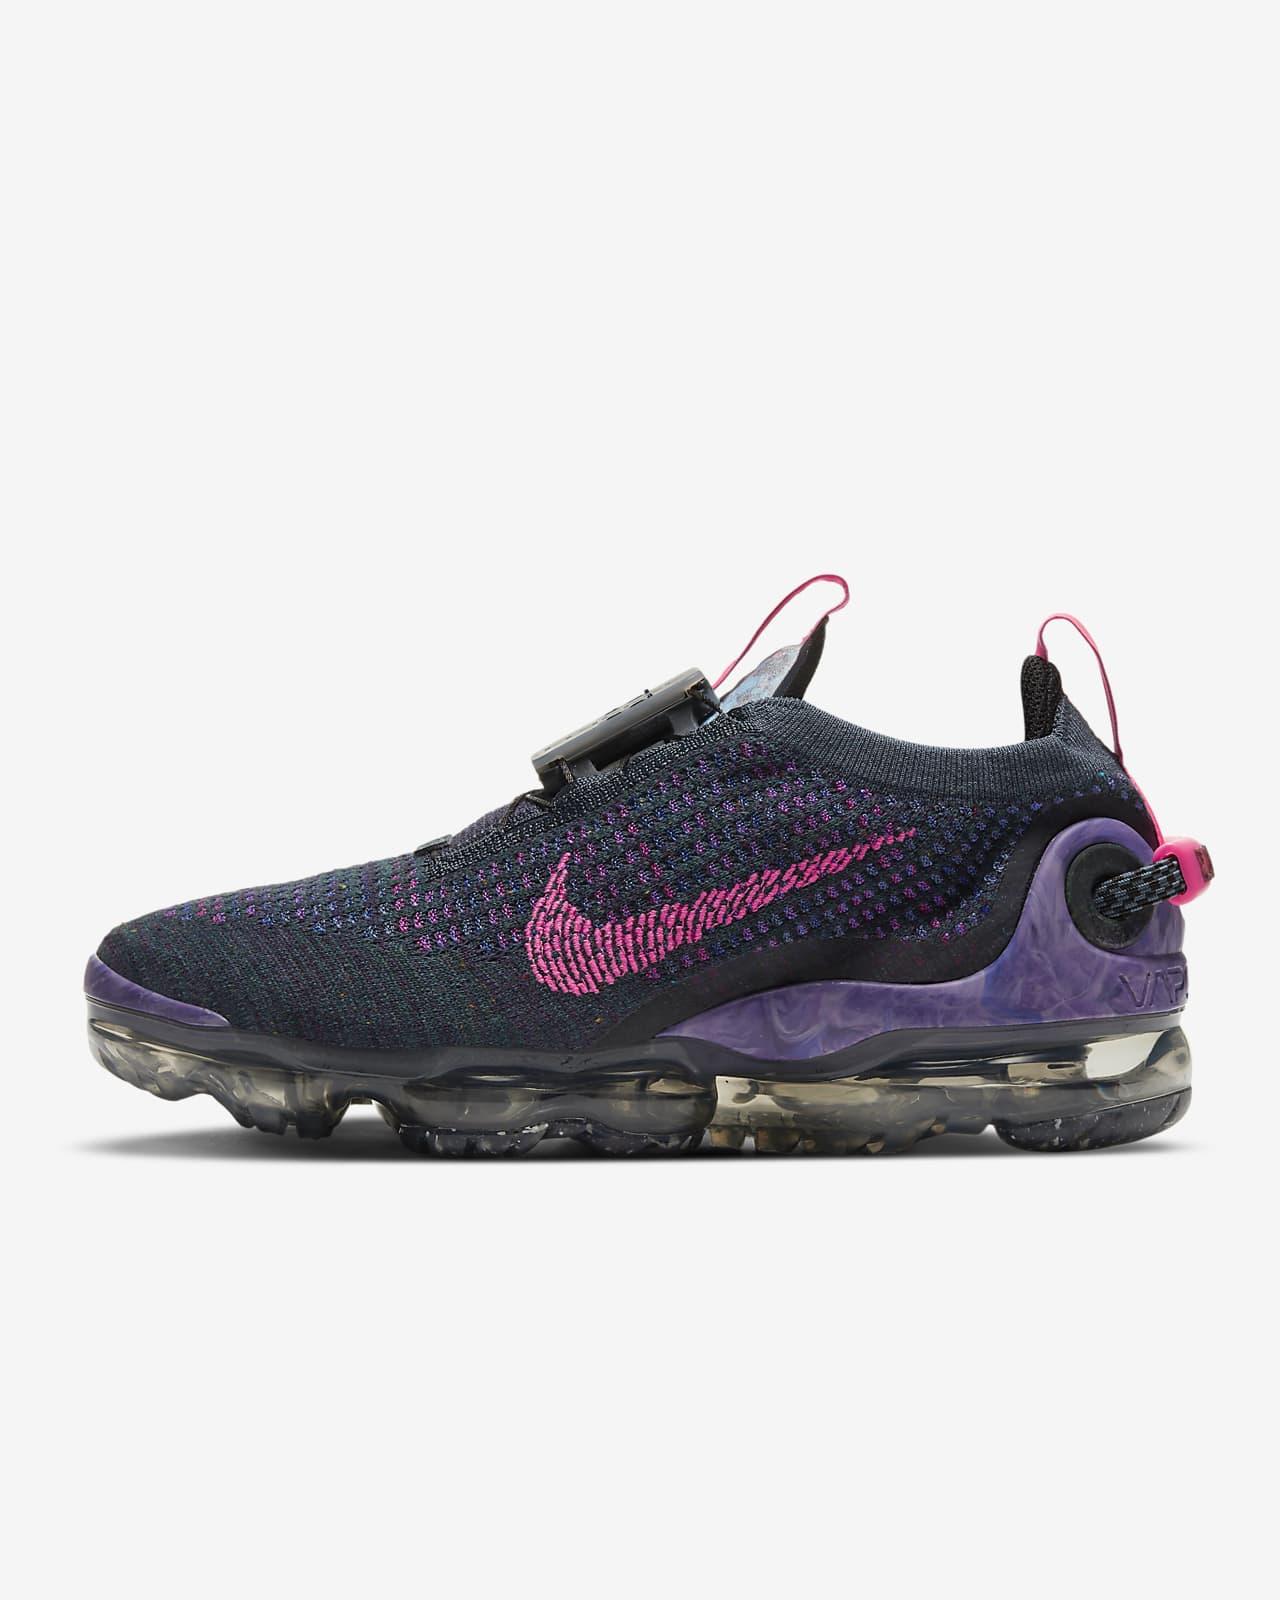 Nike Air Vapormax 2020 FlyKnit Women's Shoes